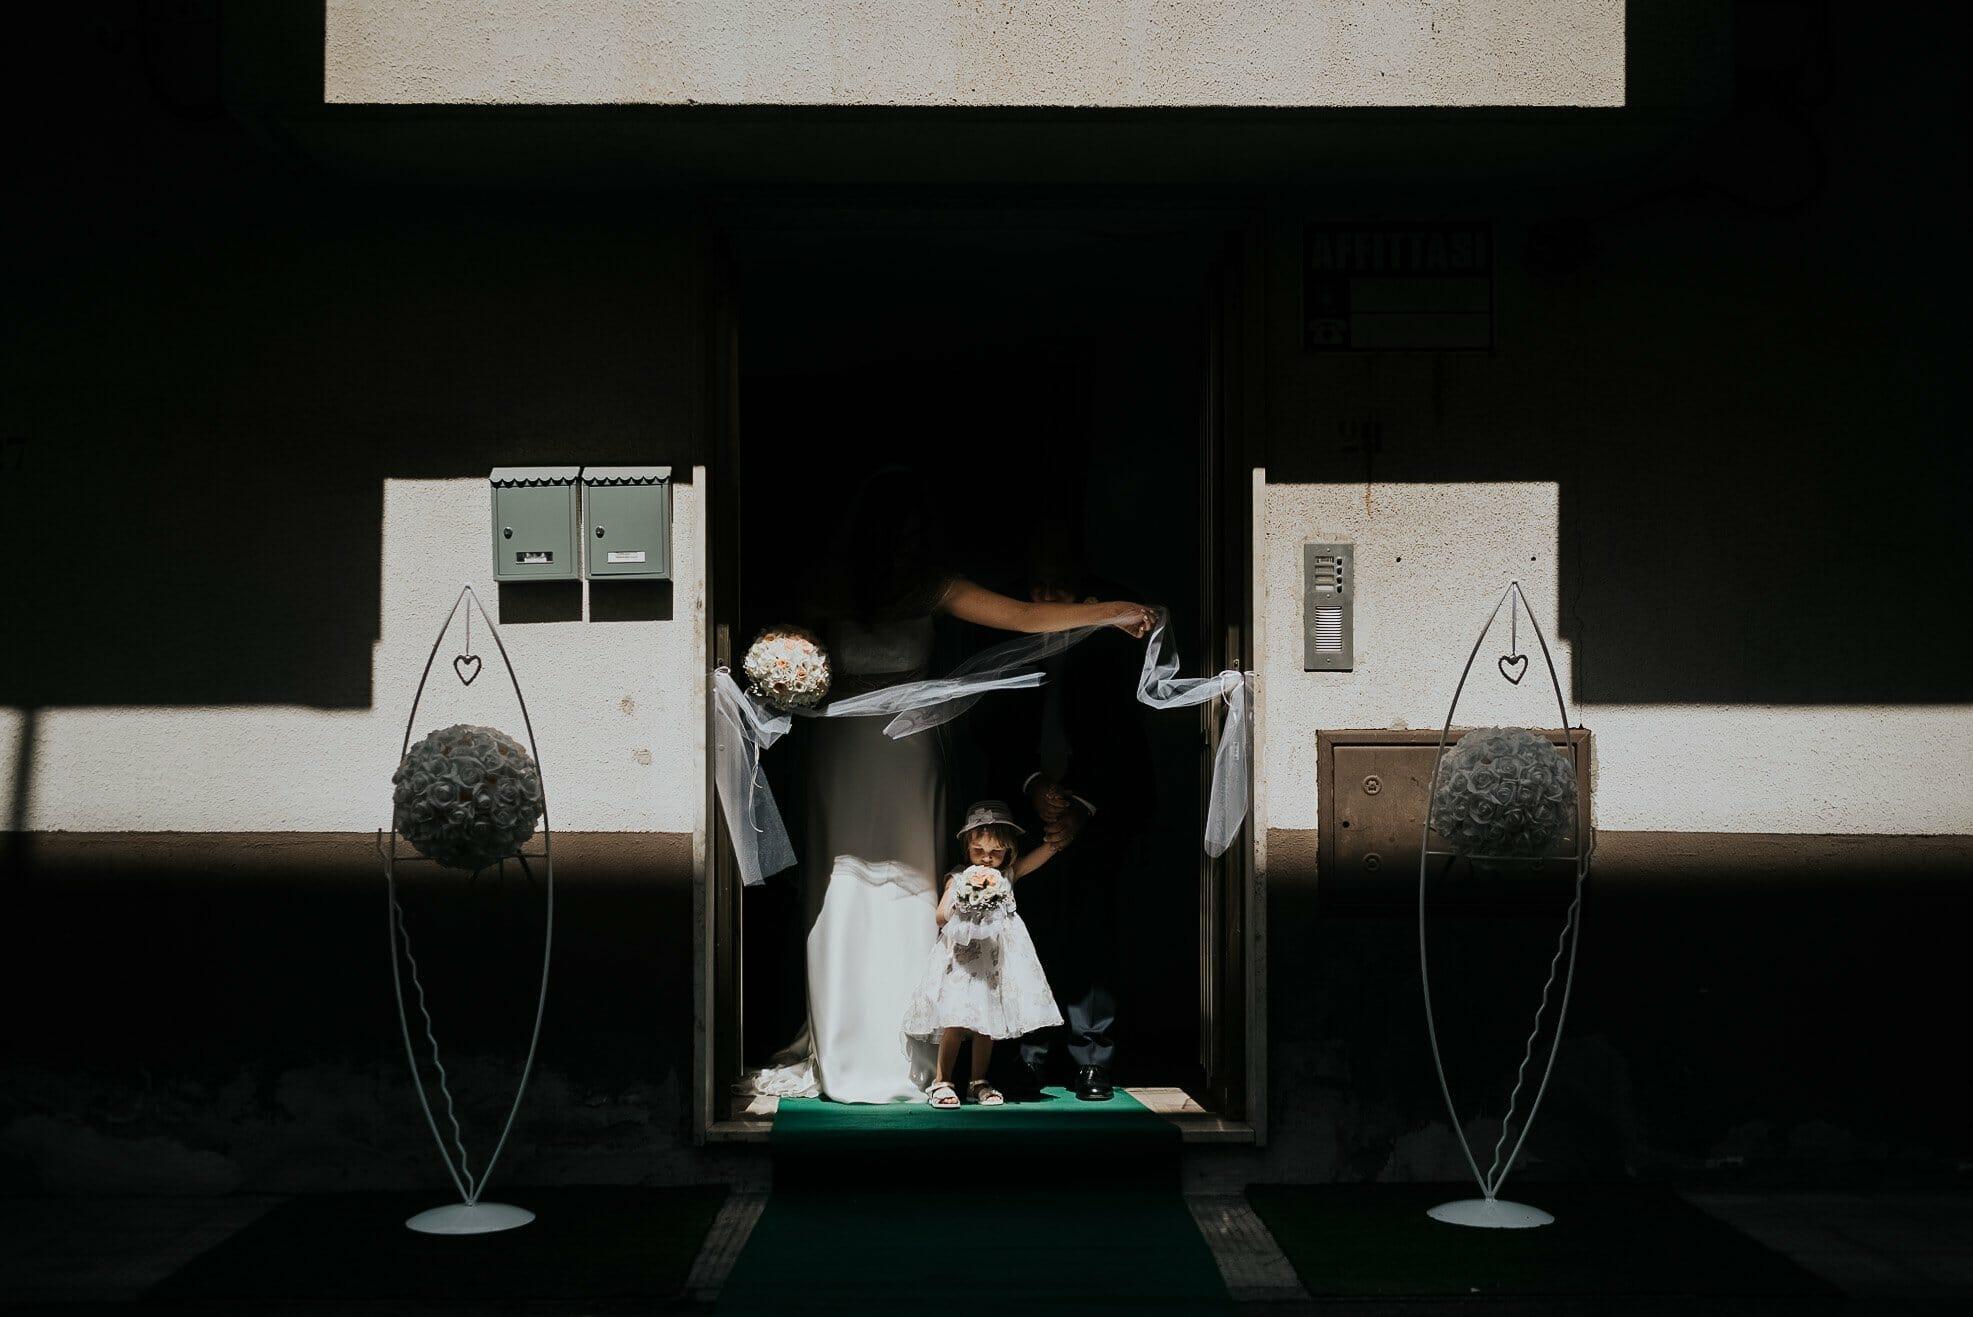 pietro moltierni fine art photography matera fotografo portrait ritratto creative sassi